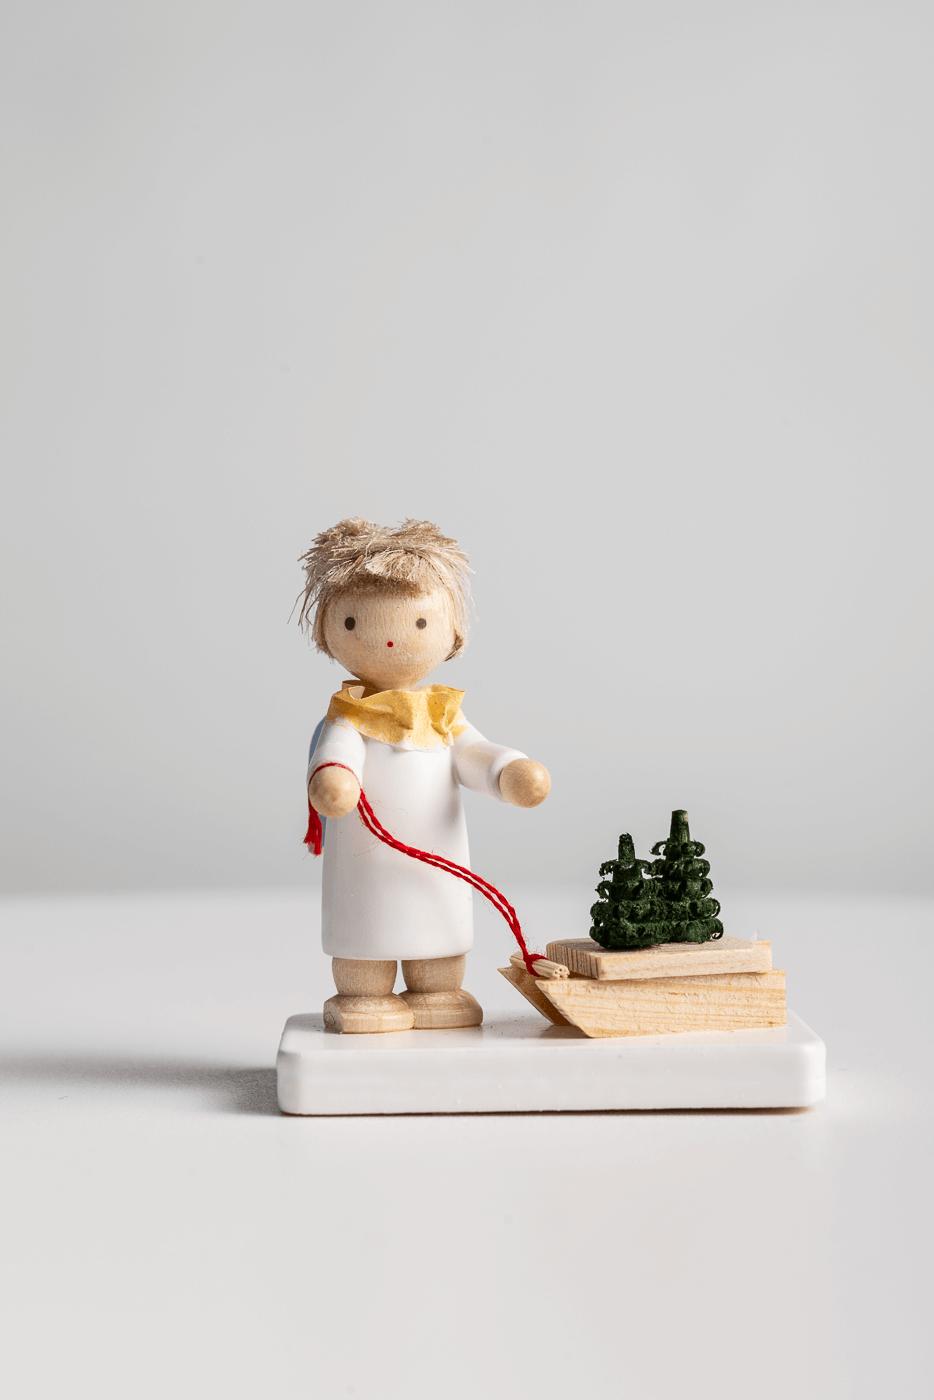 Engel mit Schlitten und Baumsetzlingen